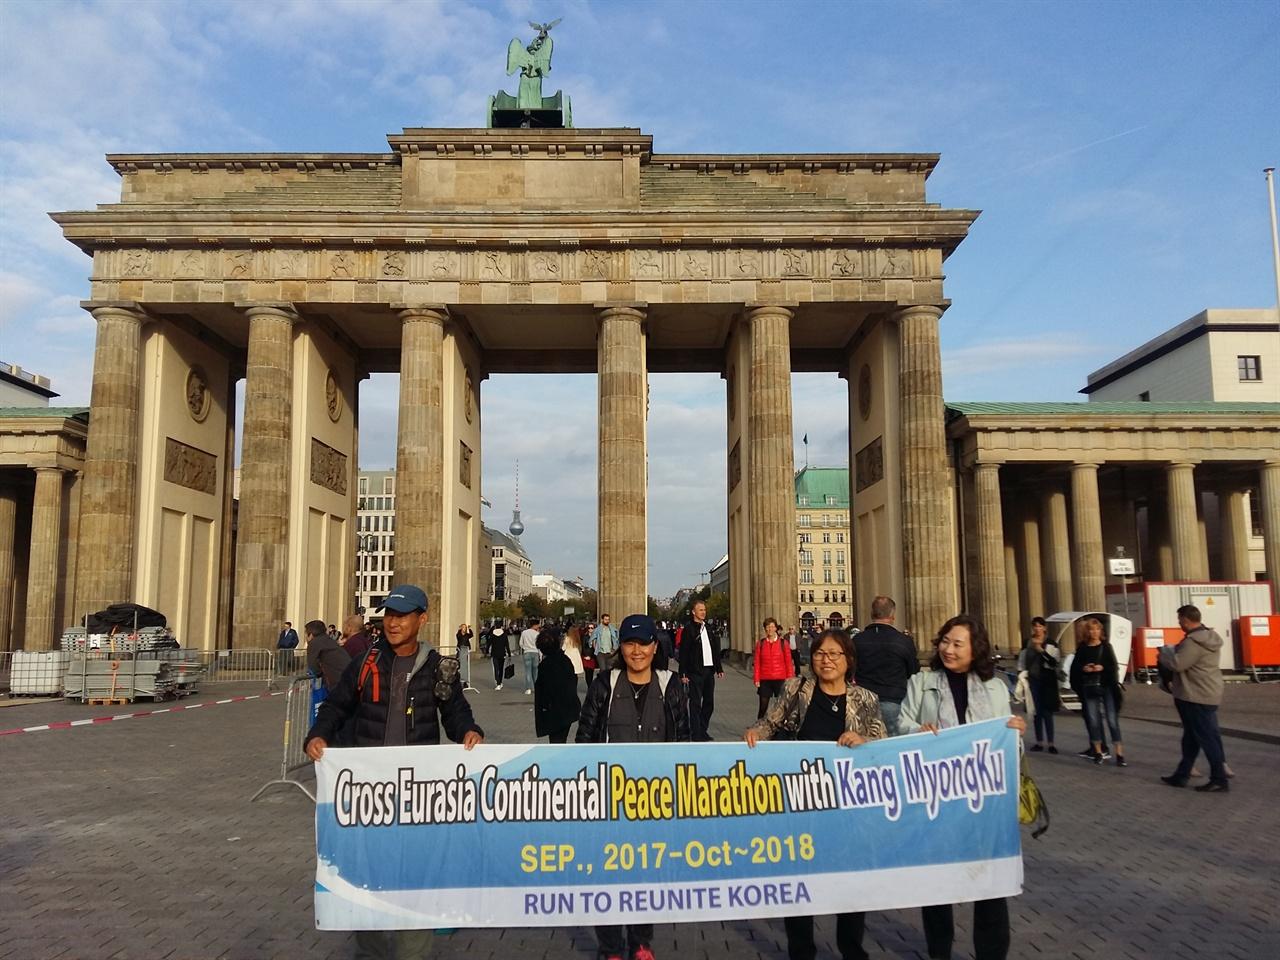 베를린 브란텐부르크 문 앞에서 베를린의 상징이며 독일 통일의 상징 브란덴부르크 문 앺에서 일행과 사진 촹영 중인도인이 한국의 평화통일을 지지한다며 함께 하여주었다.